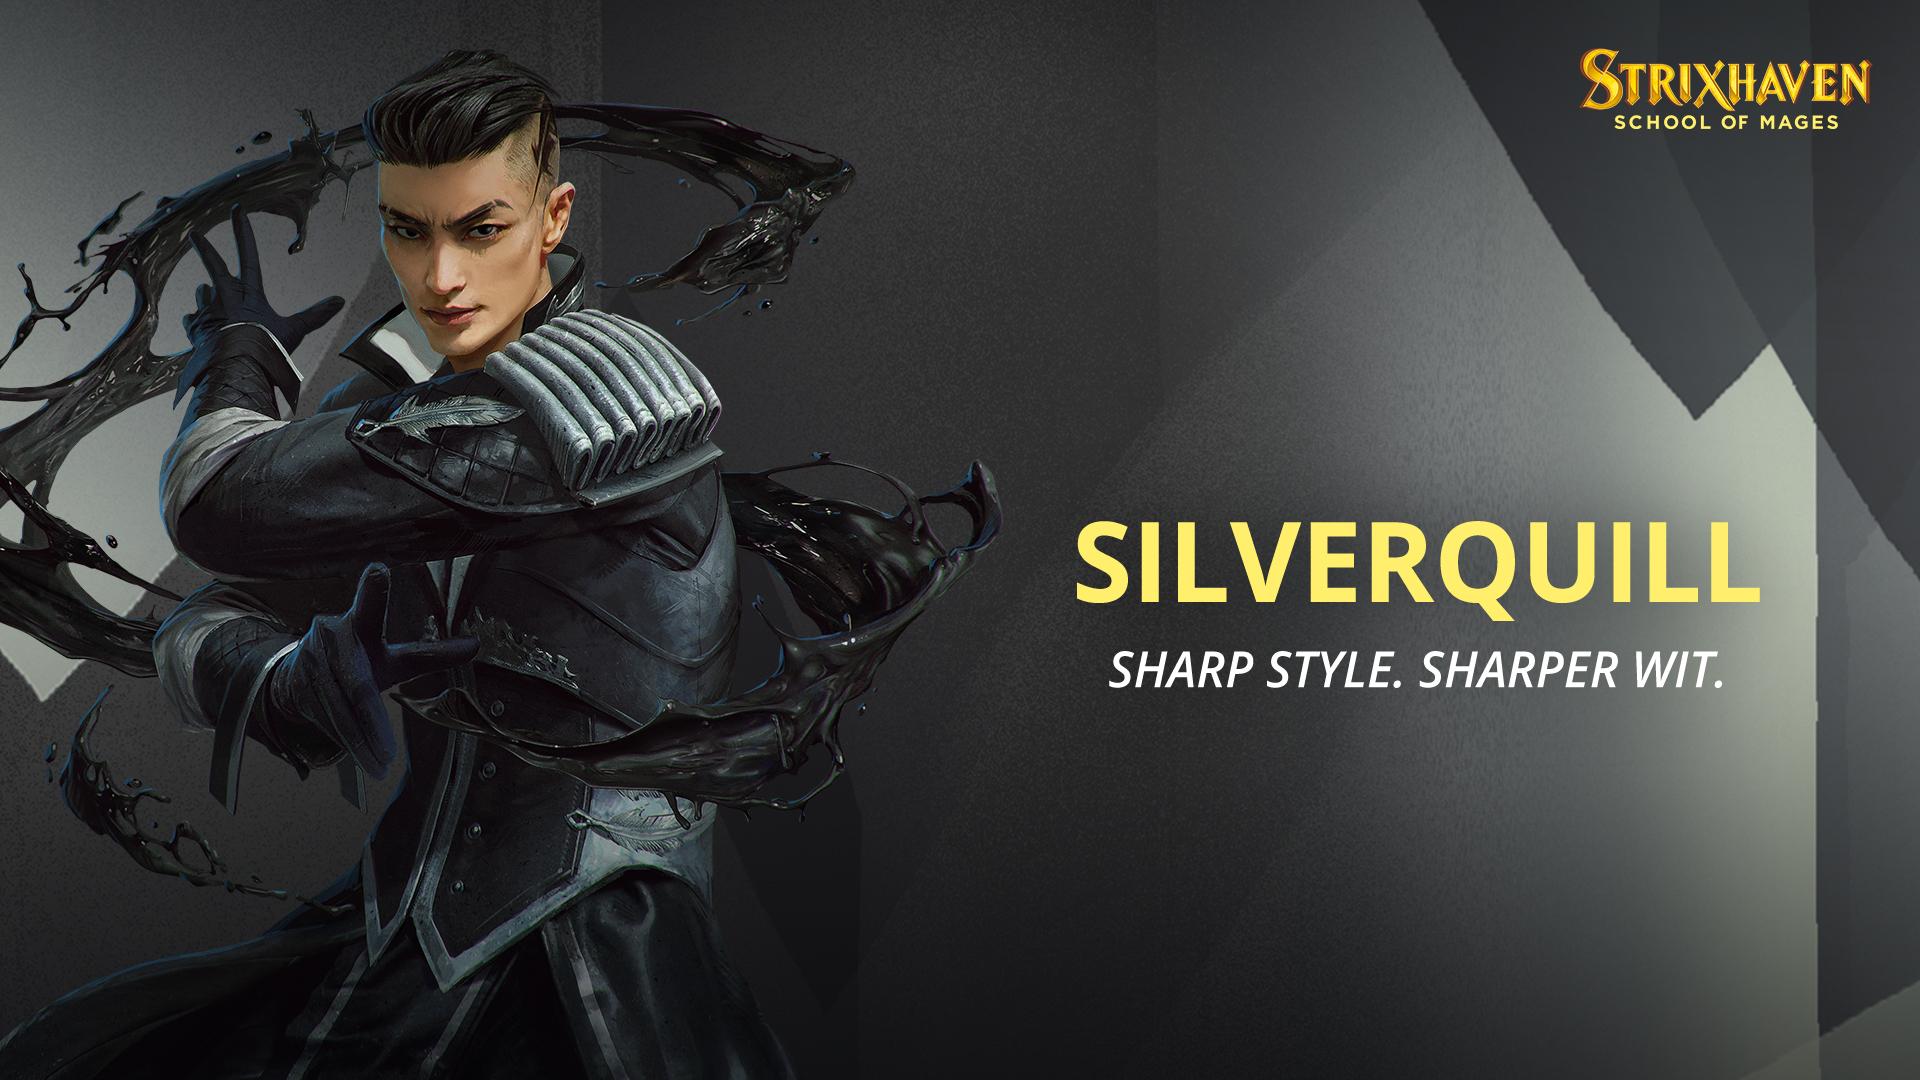 Silverquill art